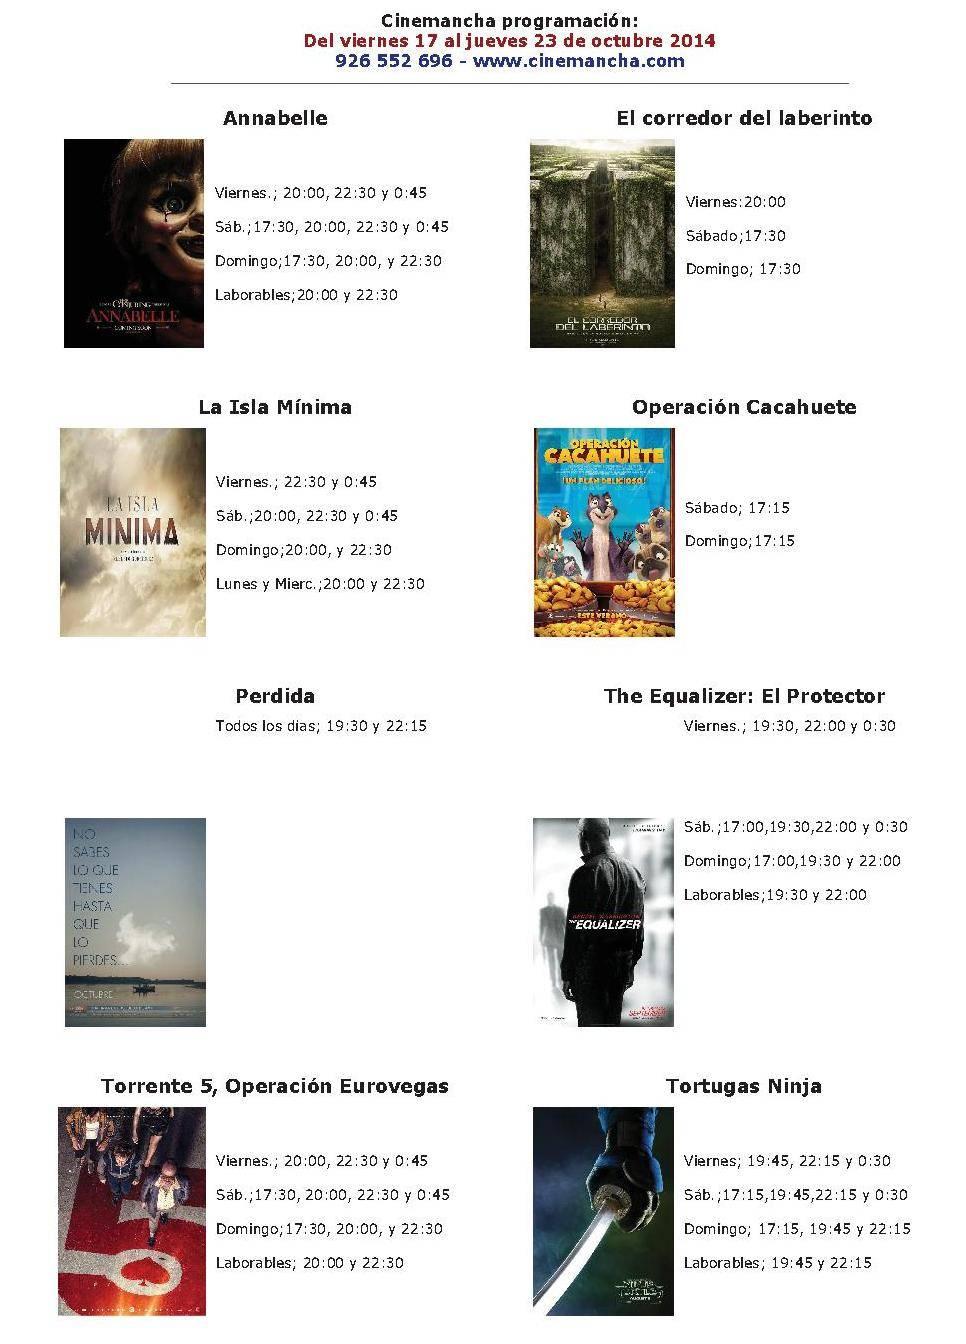 Cinemancha programación: Del viernes 17 al jueves 23 de octubre 2014 1